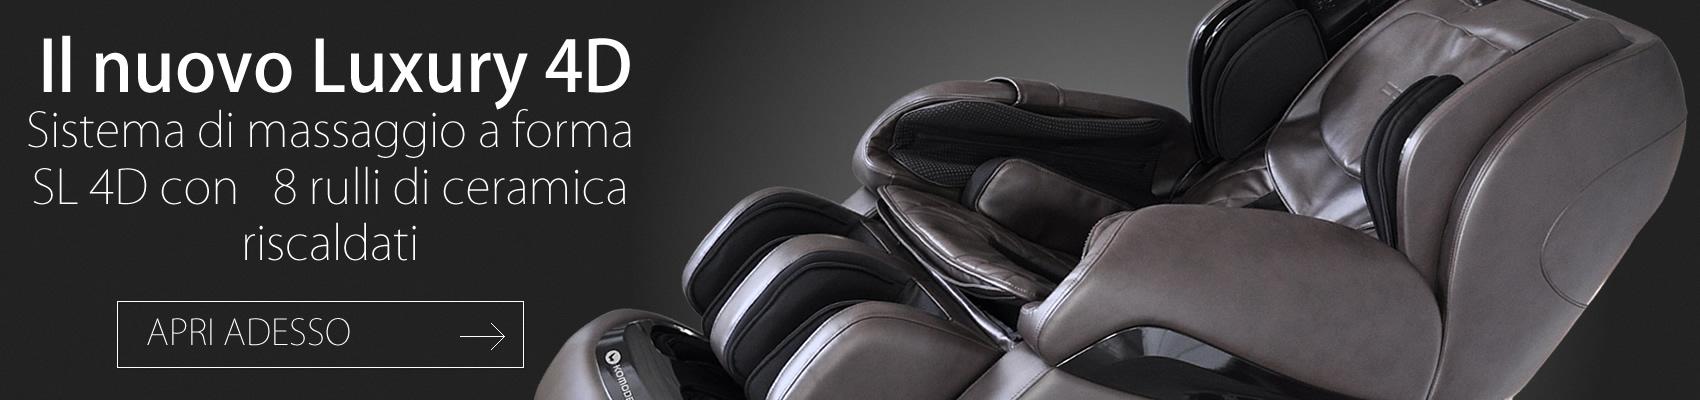 Luxury 4D